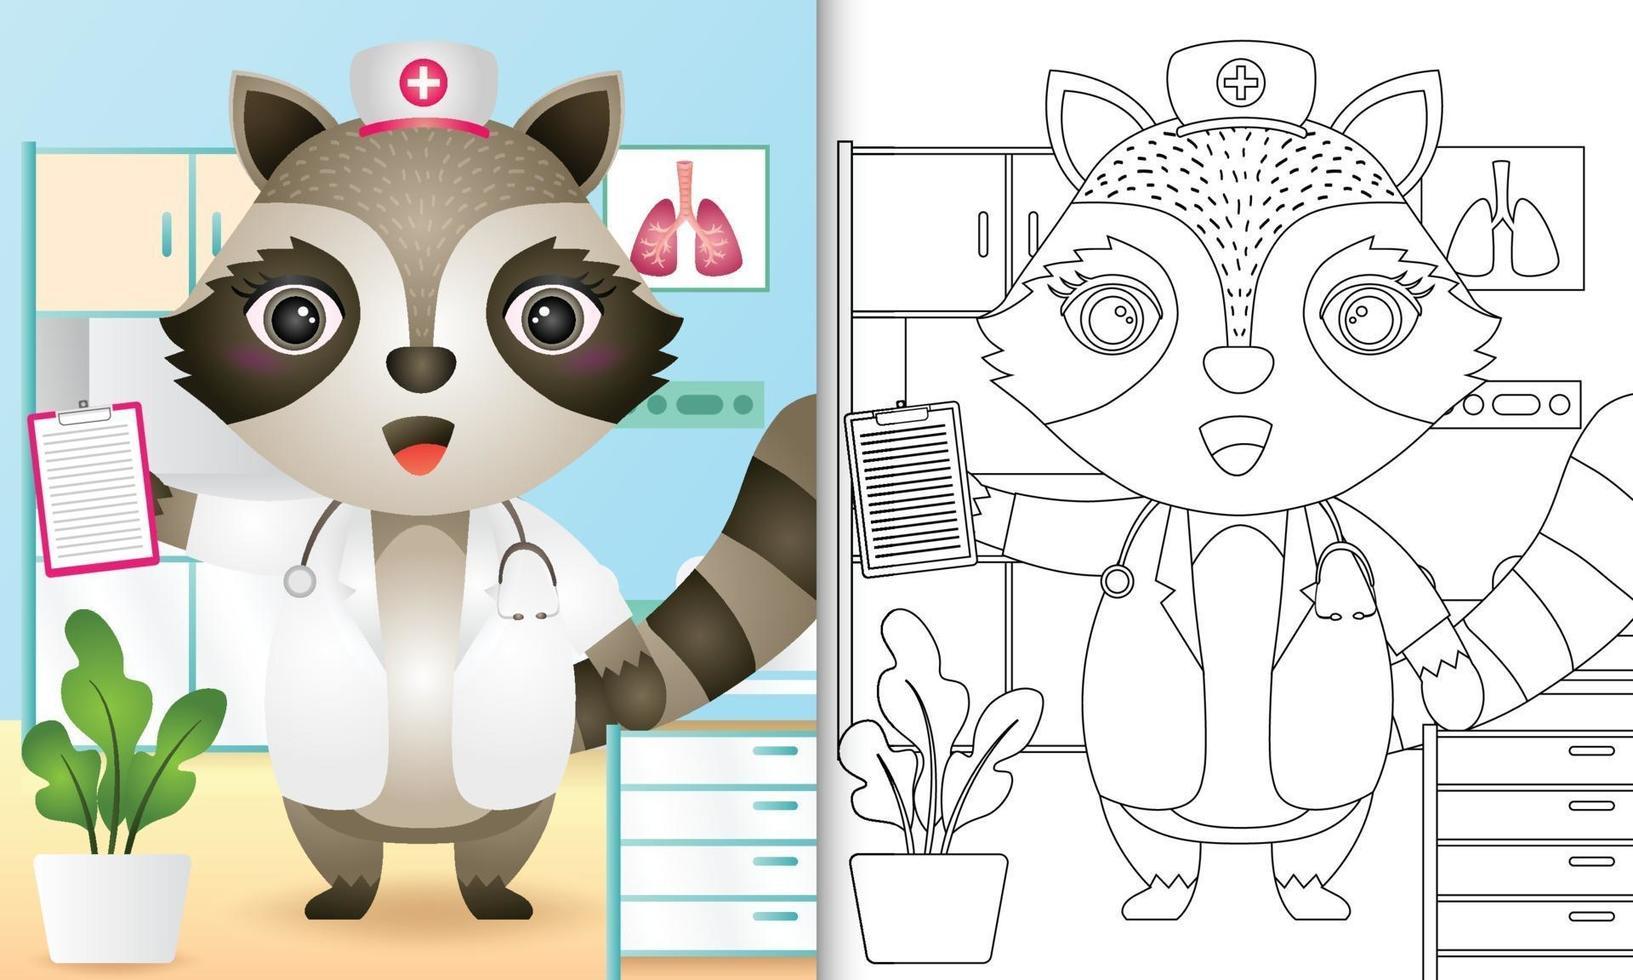 livre de coloriage pour les enfants avec une illustration de personnage mignon infirmière raton laveur vecteur